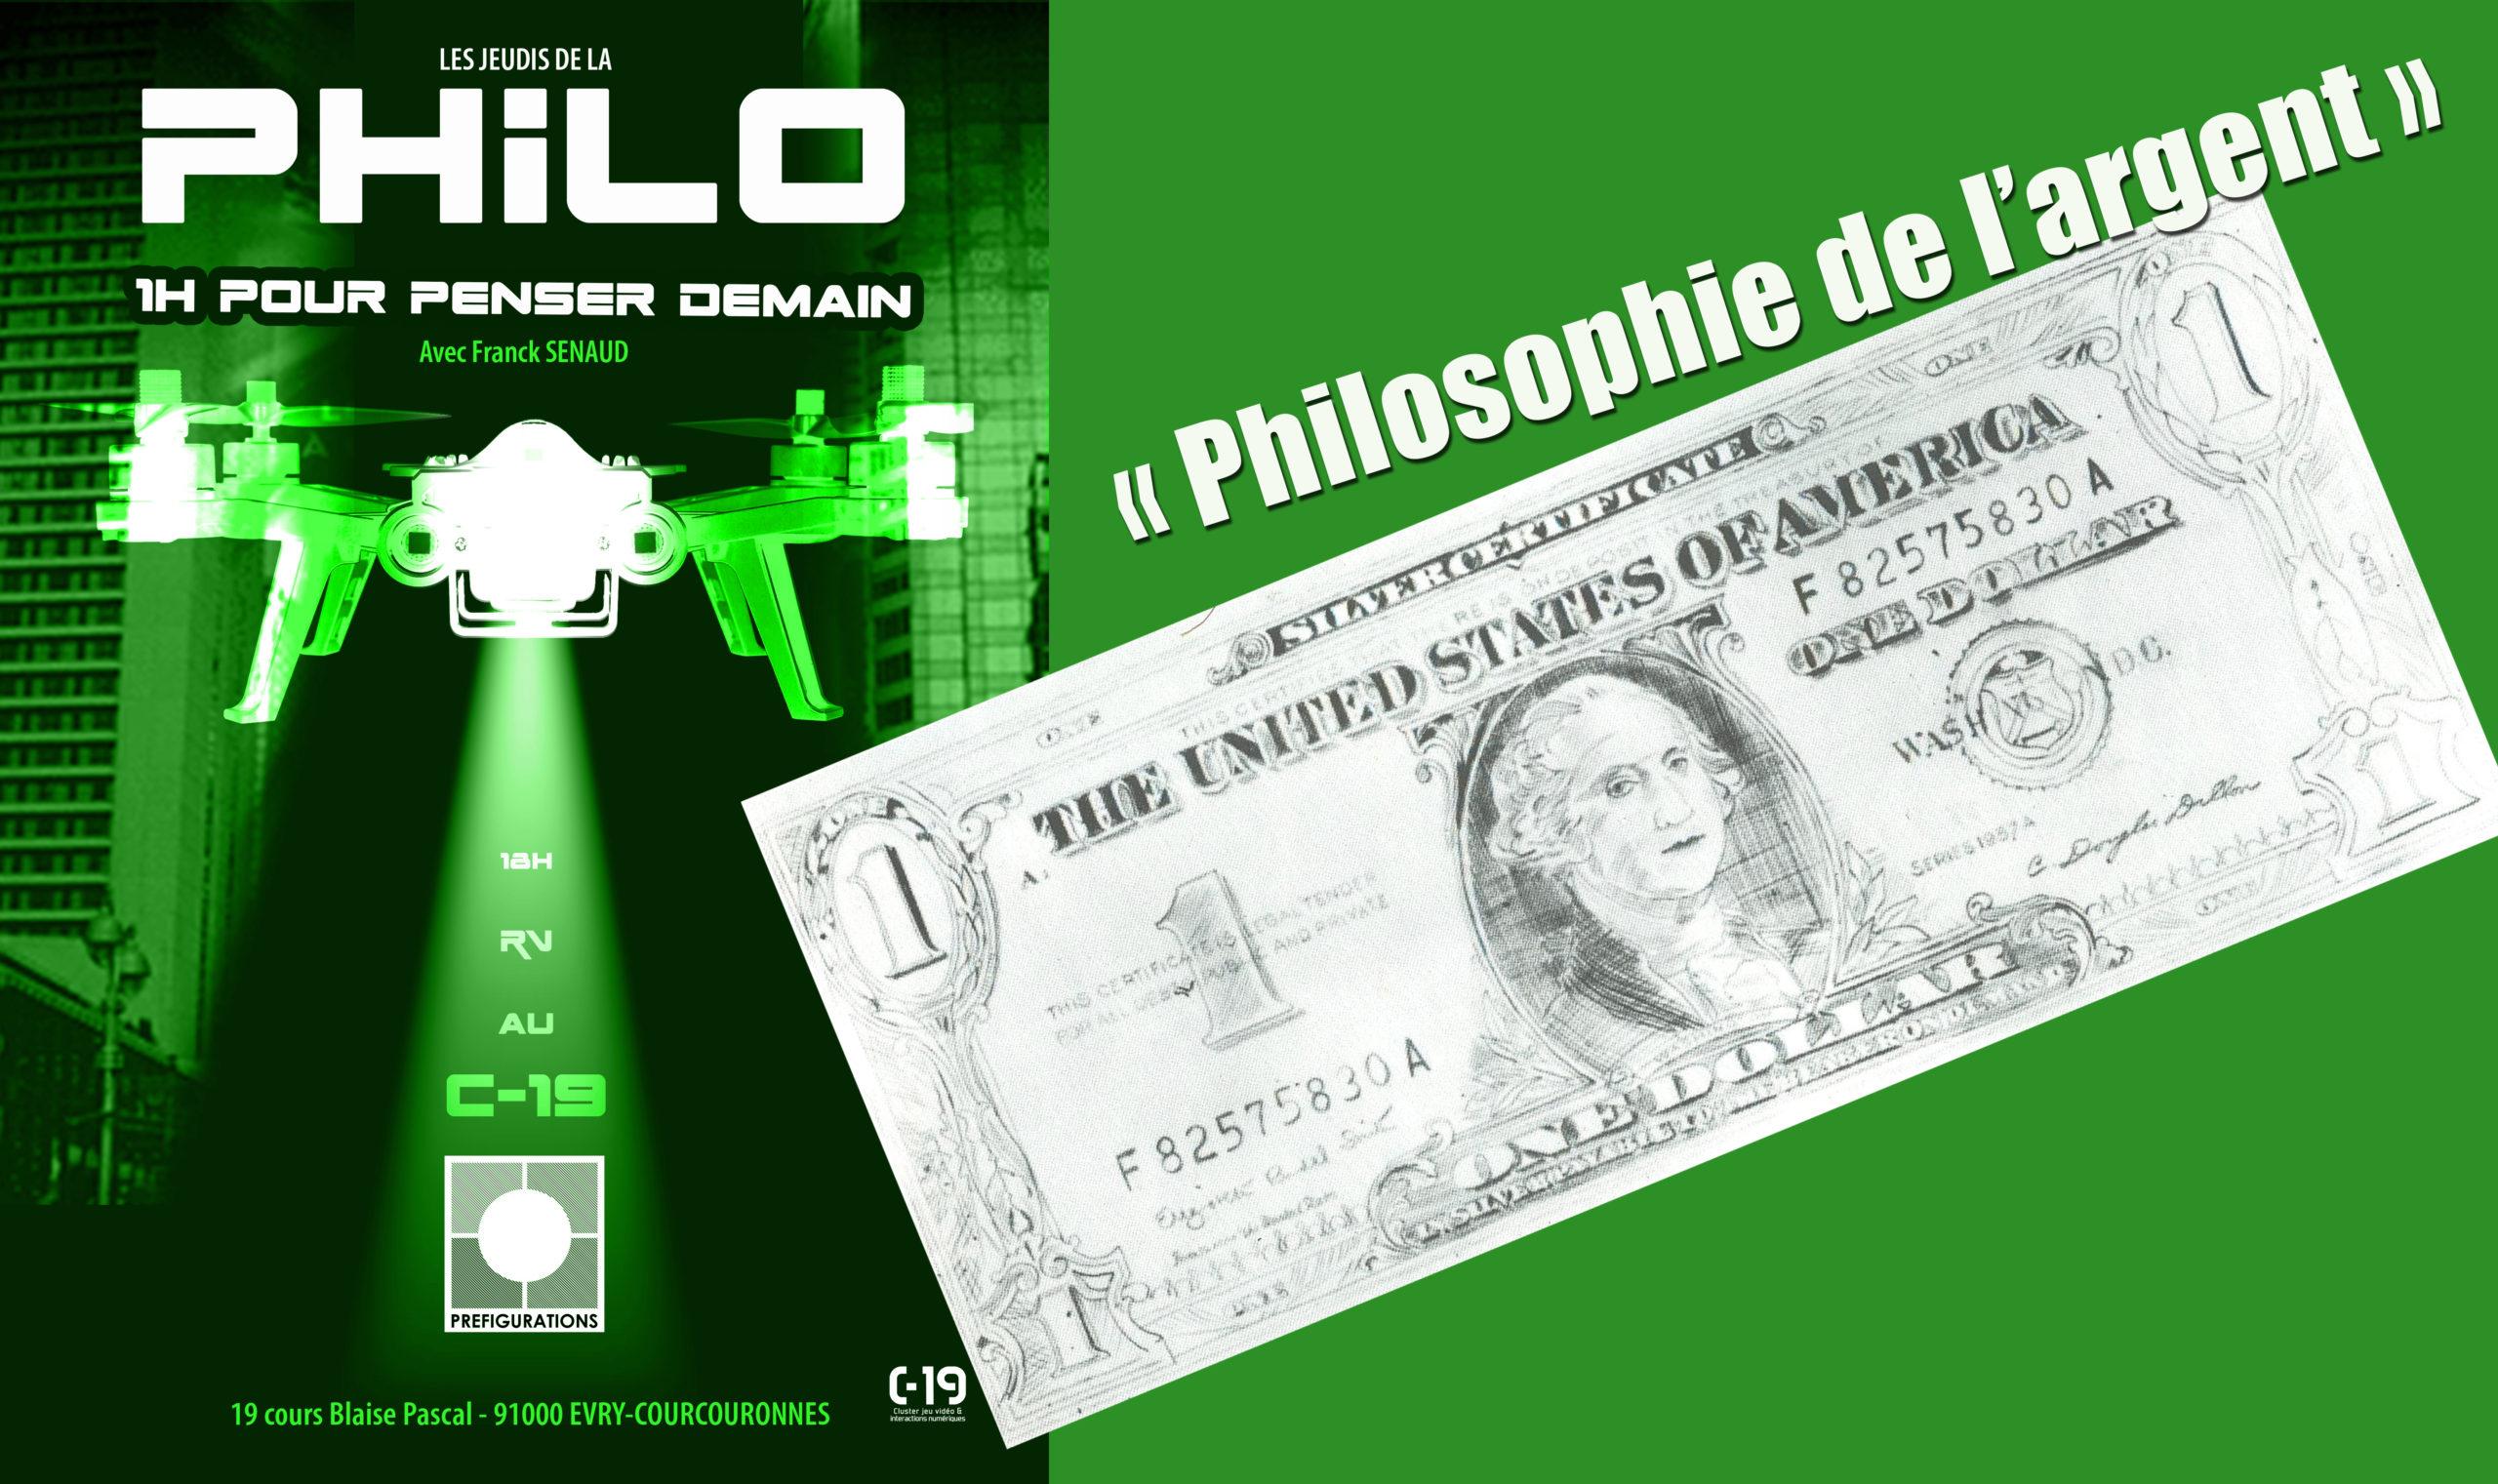 philo-de-largent-2020-21-PhiloHDI-C19-affiche-verte